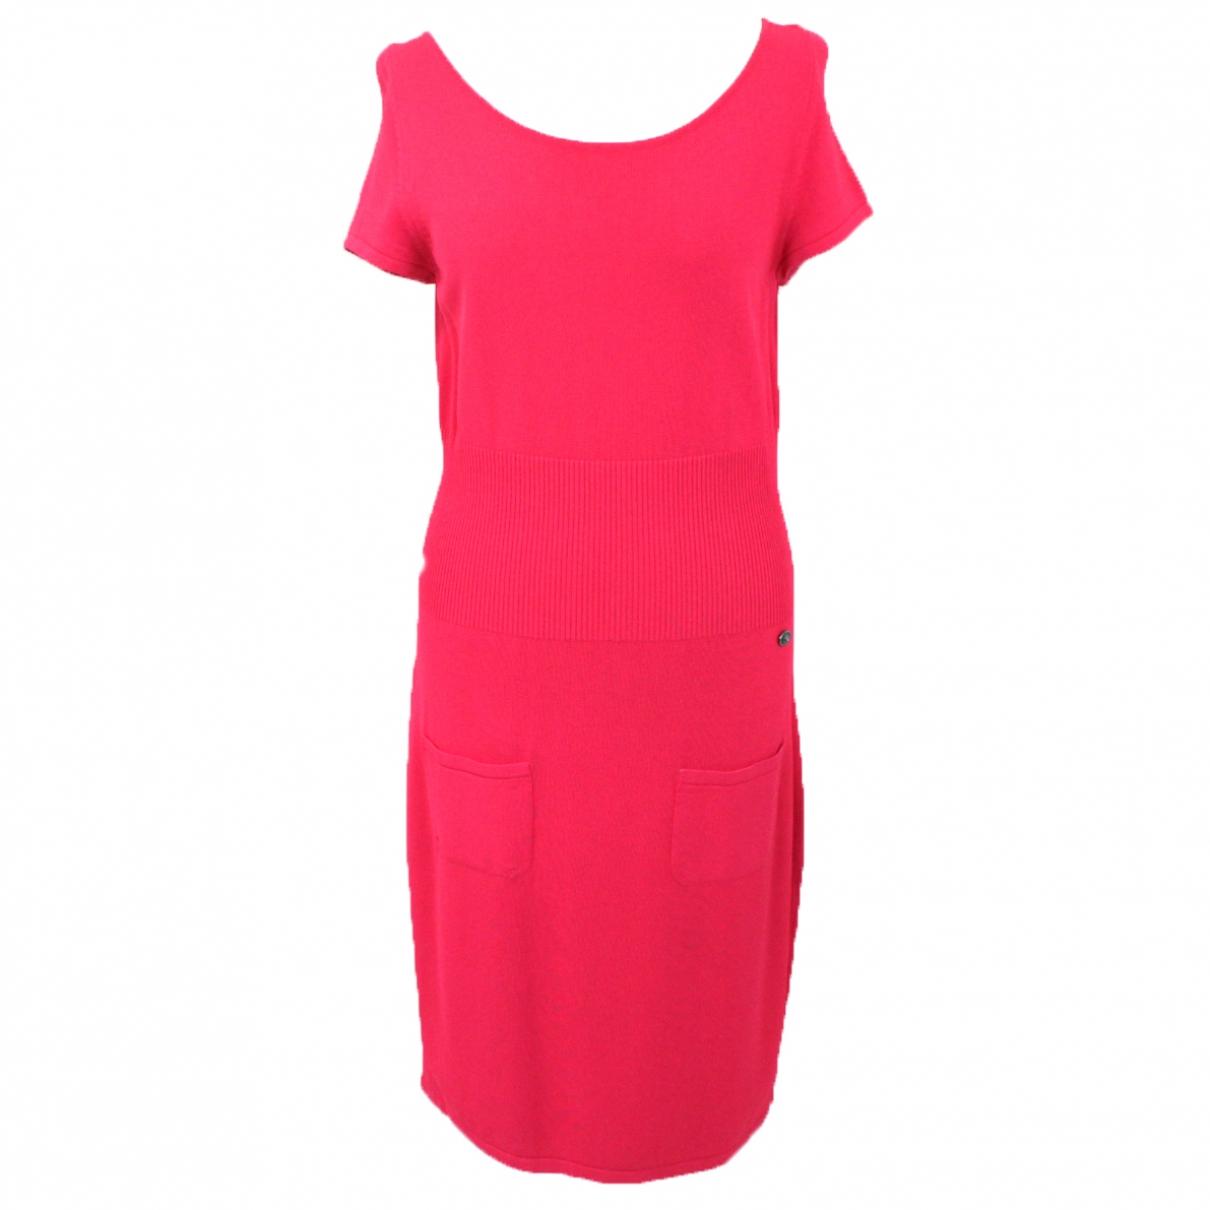 Chanel \N Kleid in  Rosa Viskose